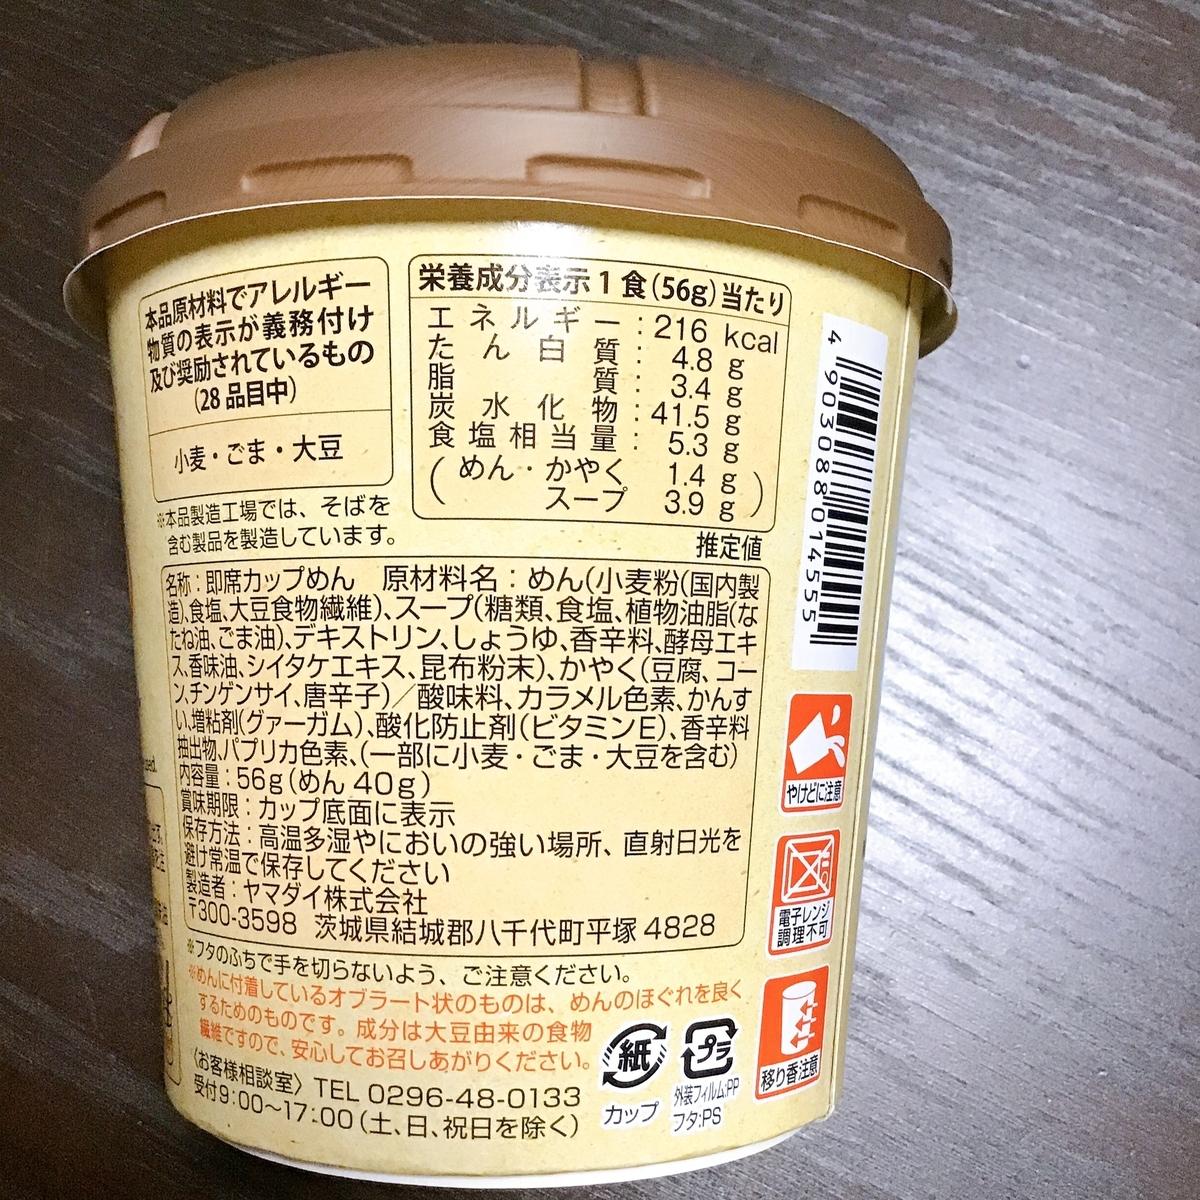 ヤマダイ ヴィーガンヌードル 酸辣湯麺 原材料